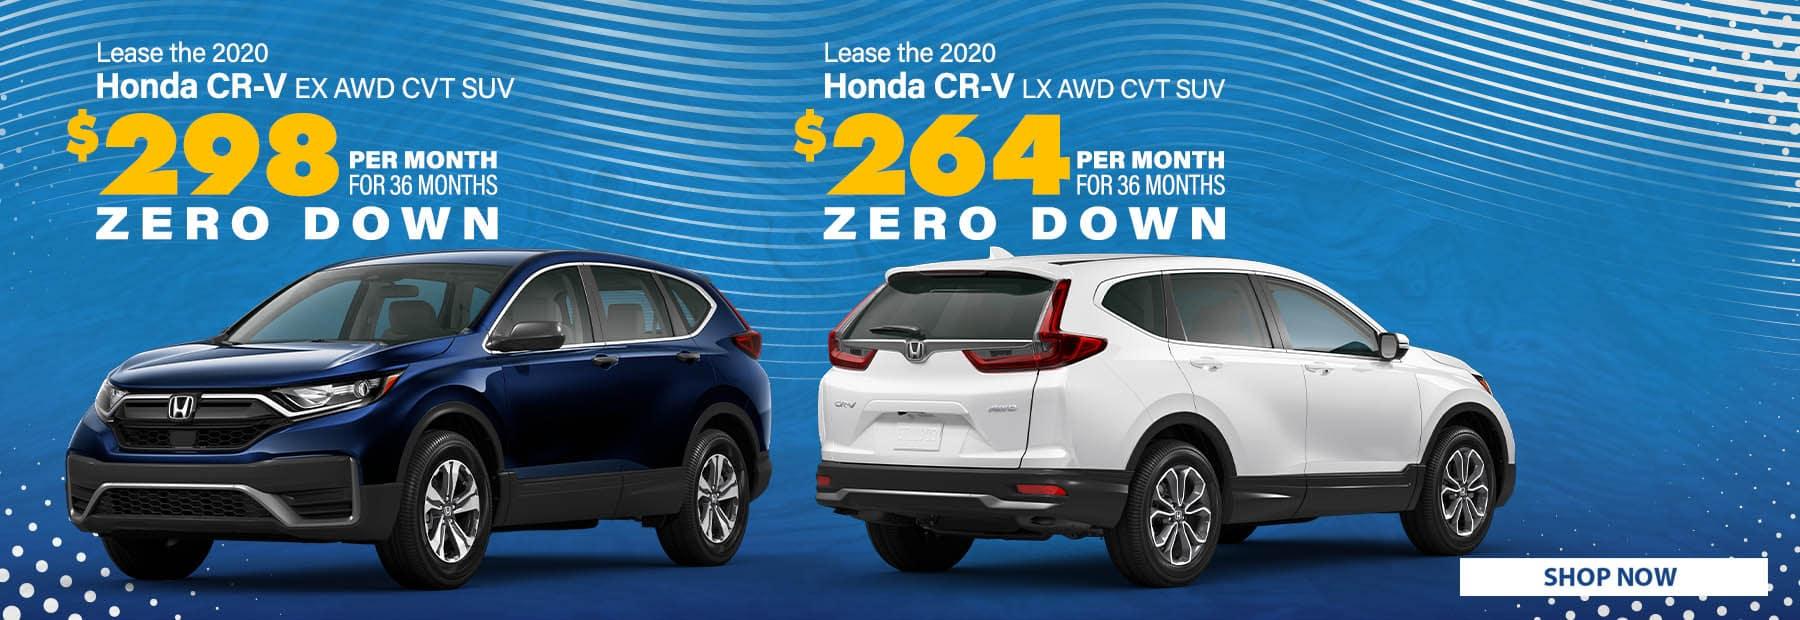 Lease a 2020 Honda CR-V EX AWD CVT SUV for $298/mo. for 36 months with $0 down or Lease a 2020 Honda CR-V LX AWD CVT SUV for $264/mo. for 36 months with $0 down